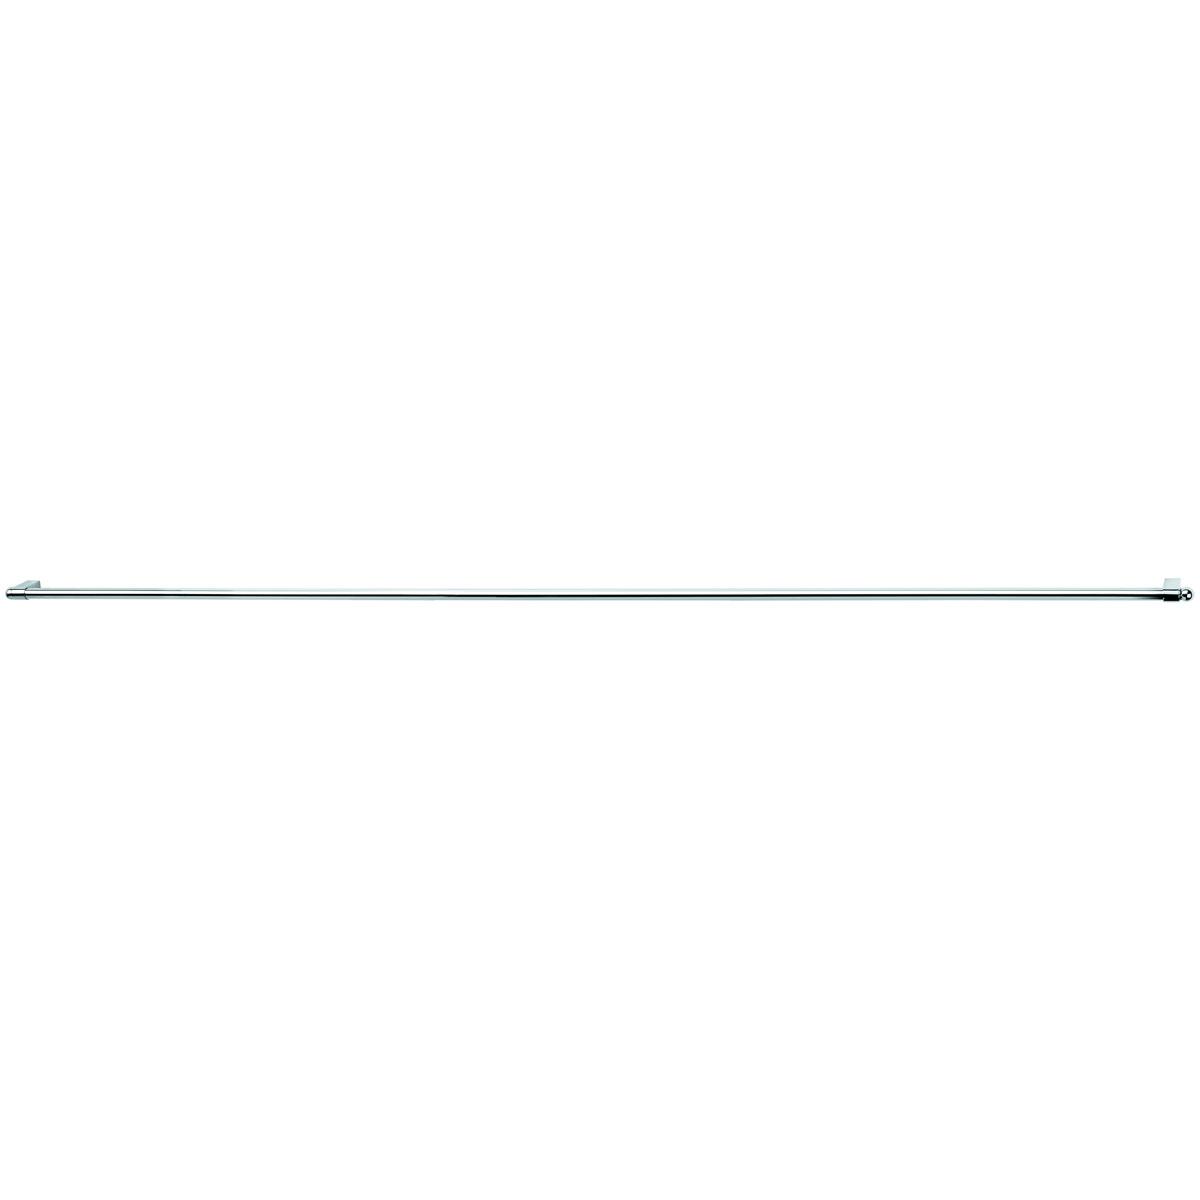 Рейлинг Esprado Platinos, с комплектом крепежа, 1 м. 0011610E2010011610E201Рейлинг Platinos, выполненный из стали с никель-хромовым покрытием, прекрасно подойдет для ванной комнаты. Рейлинг можно использовать для развешивания полотенец, мочалок и других аксессуаров. Благодаря стильному современному дизайну рейлинг впишется в интерьер любой кухни или ванной комнаты. В комплекте: рейлинг, 2 заглушки, 2 держателя.